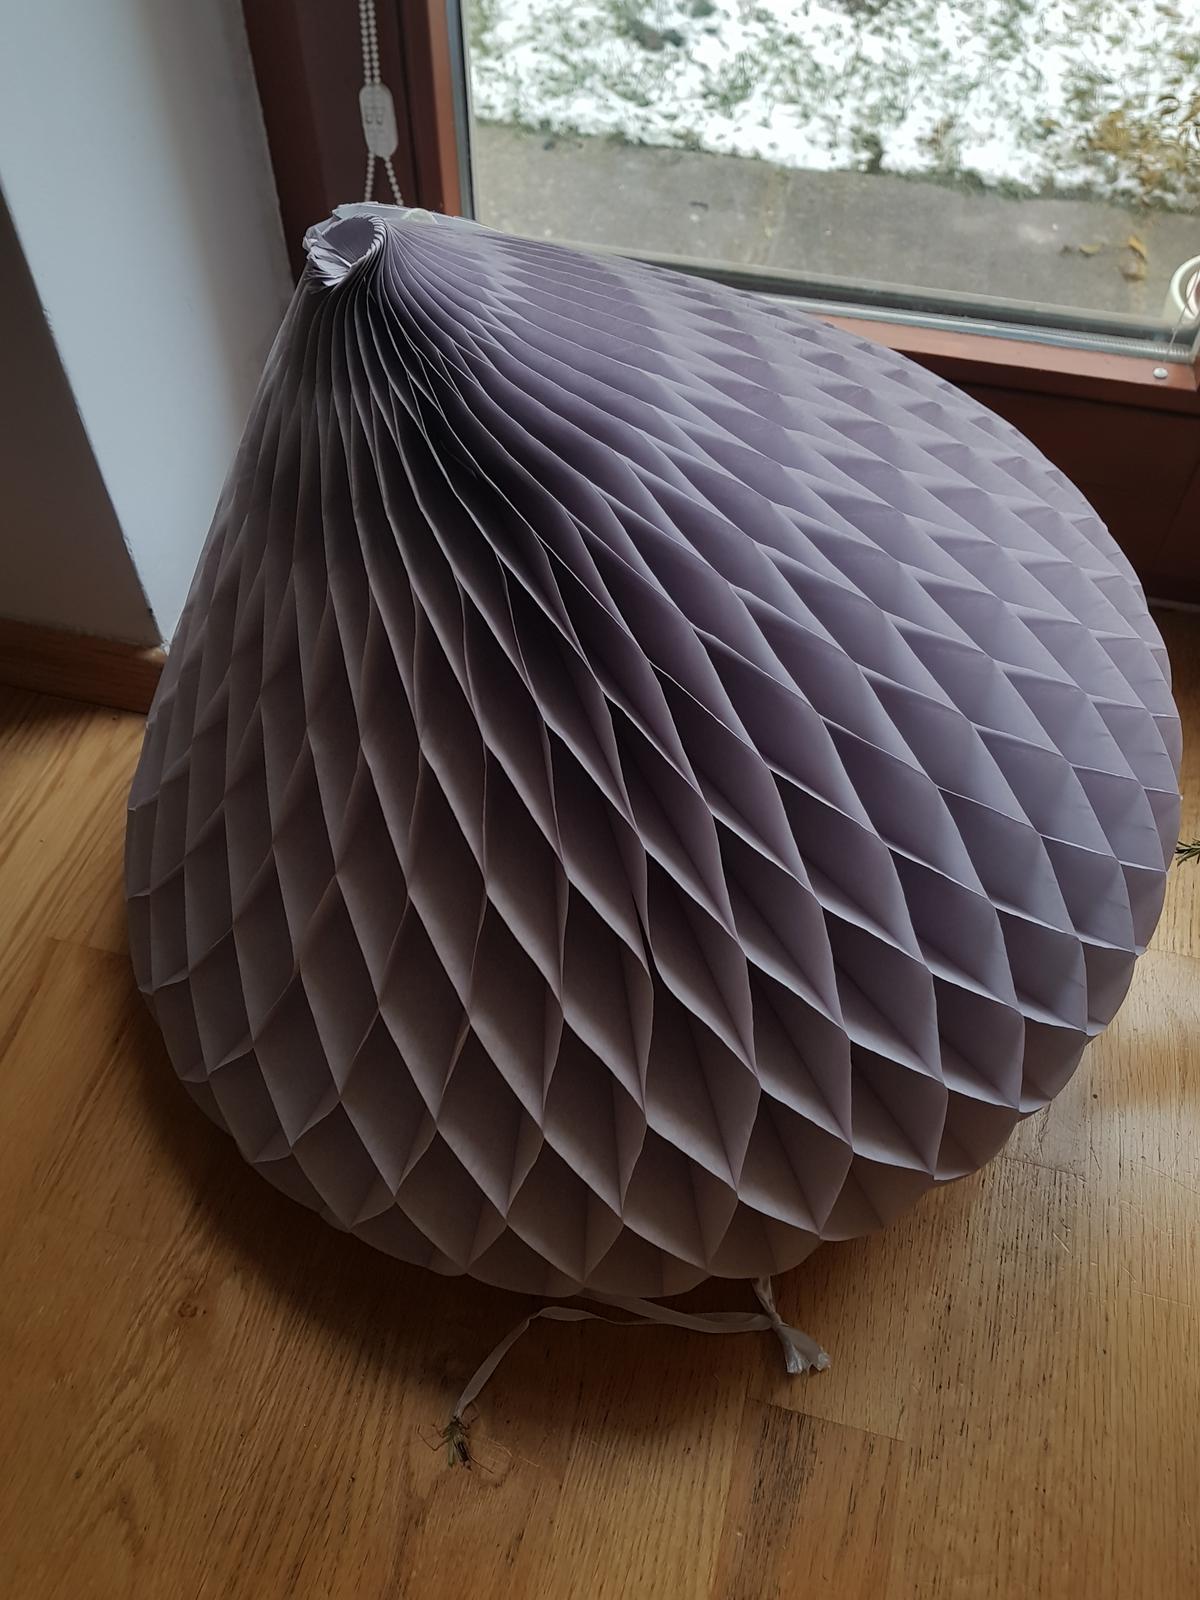 Honeycomb srdce velké - šedofialová - Obrázek č. 2